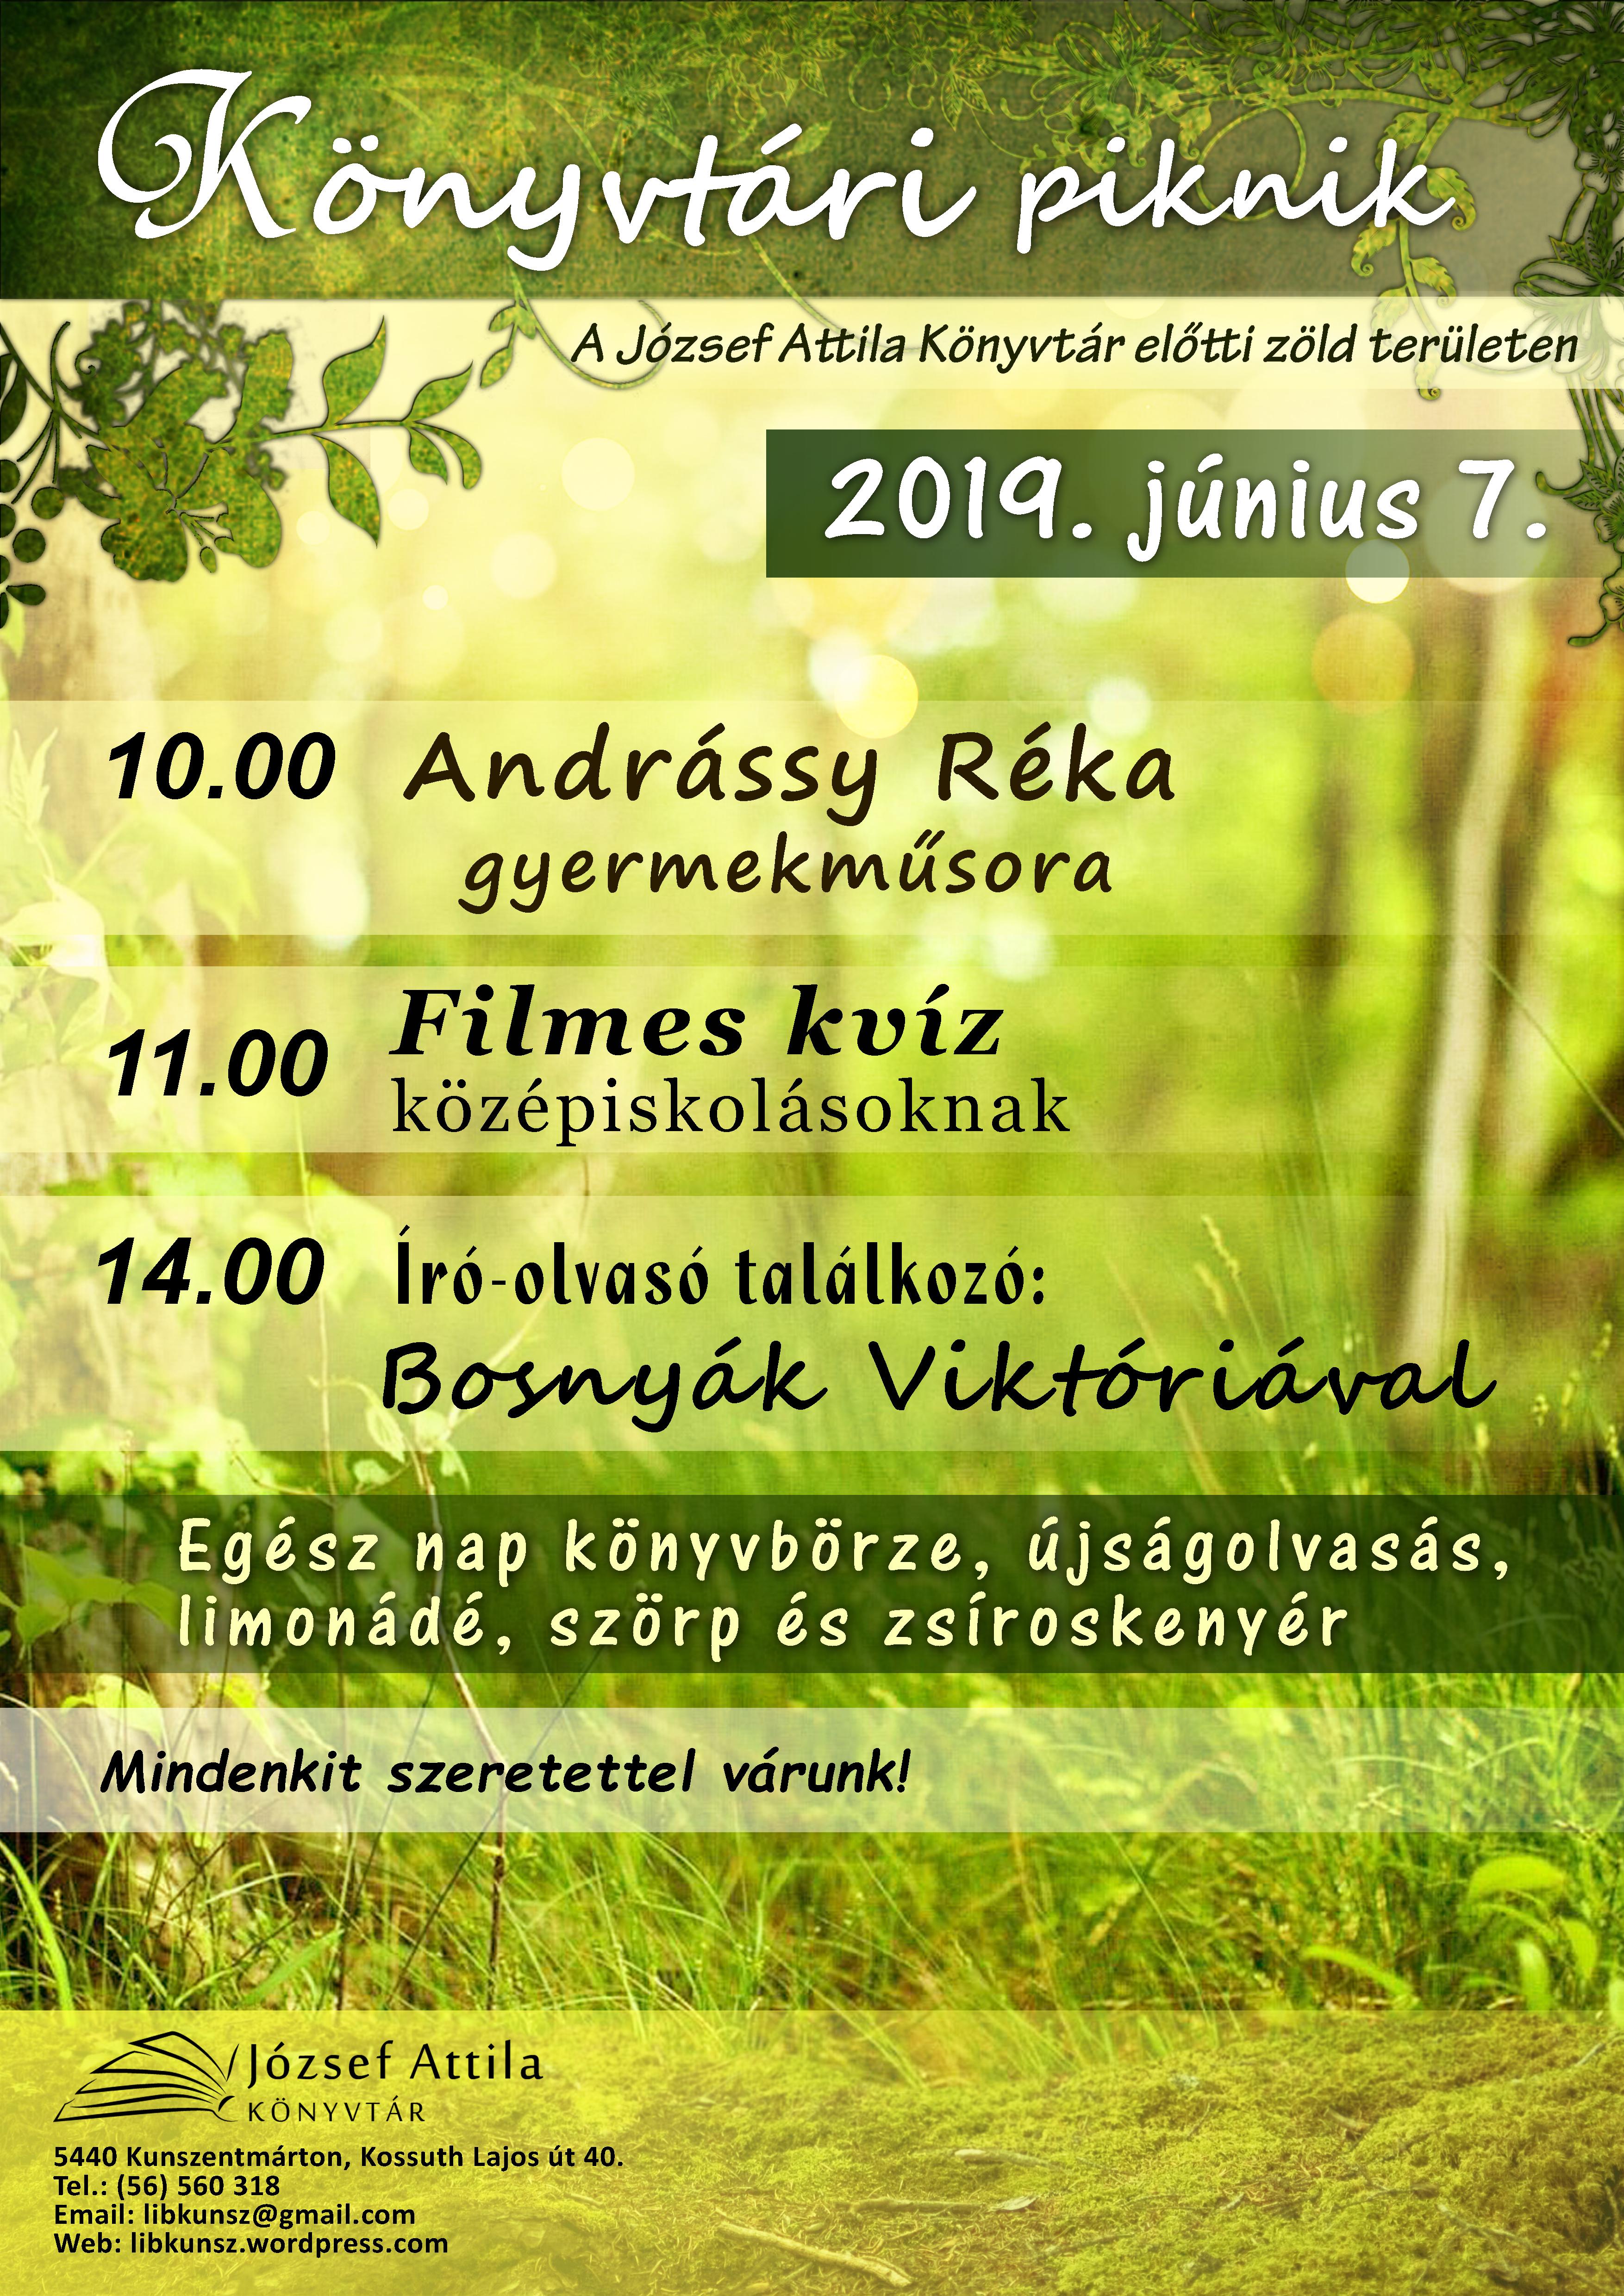 Könyvtári piknik_plakát (2)